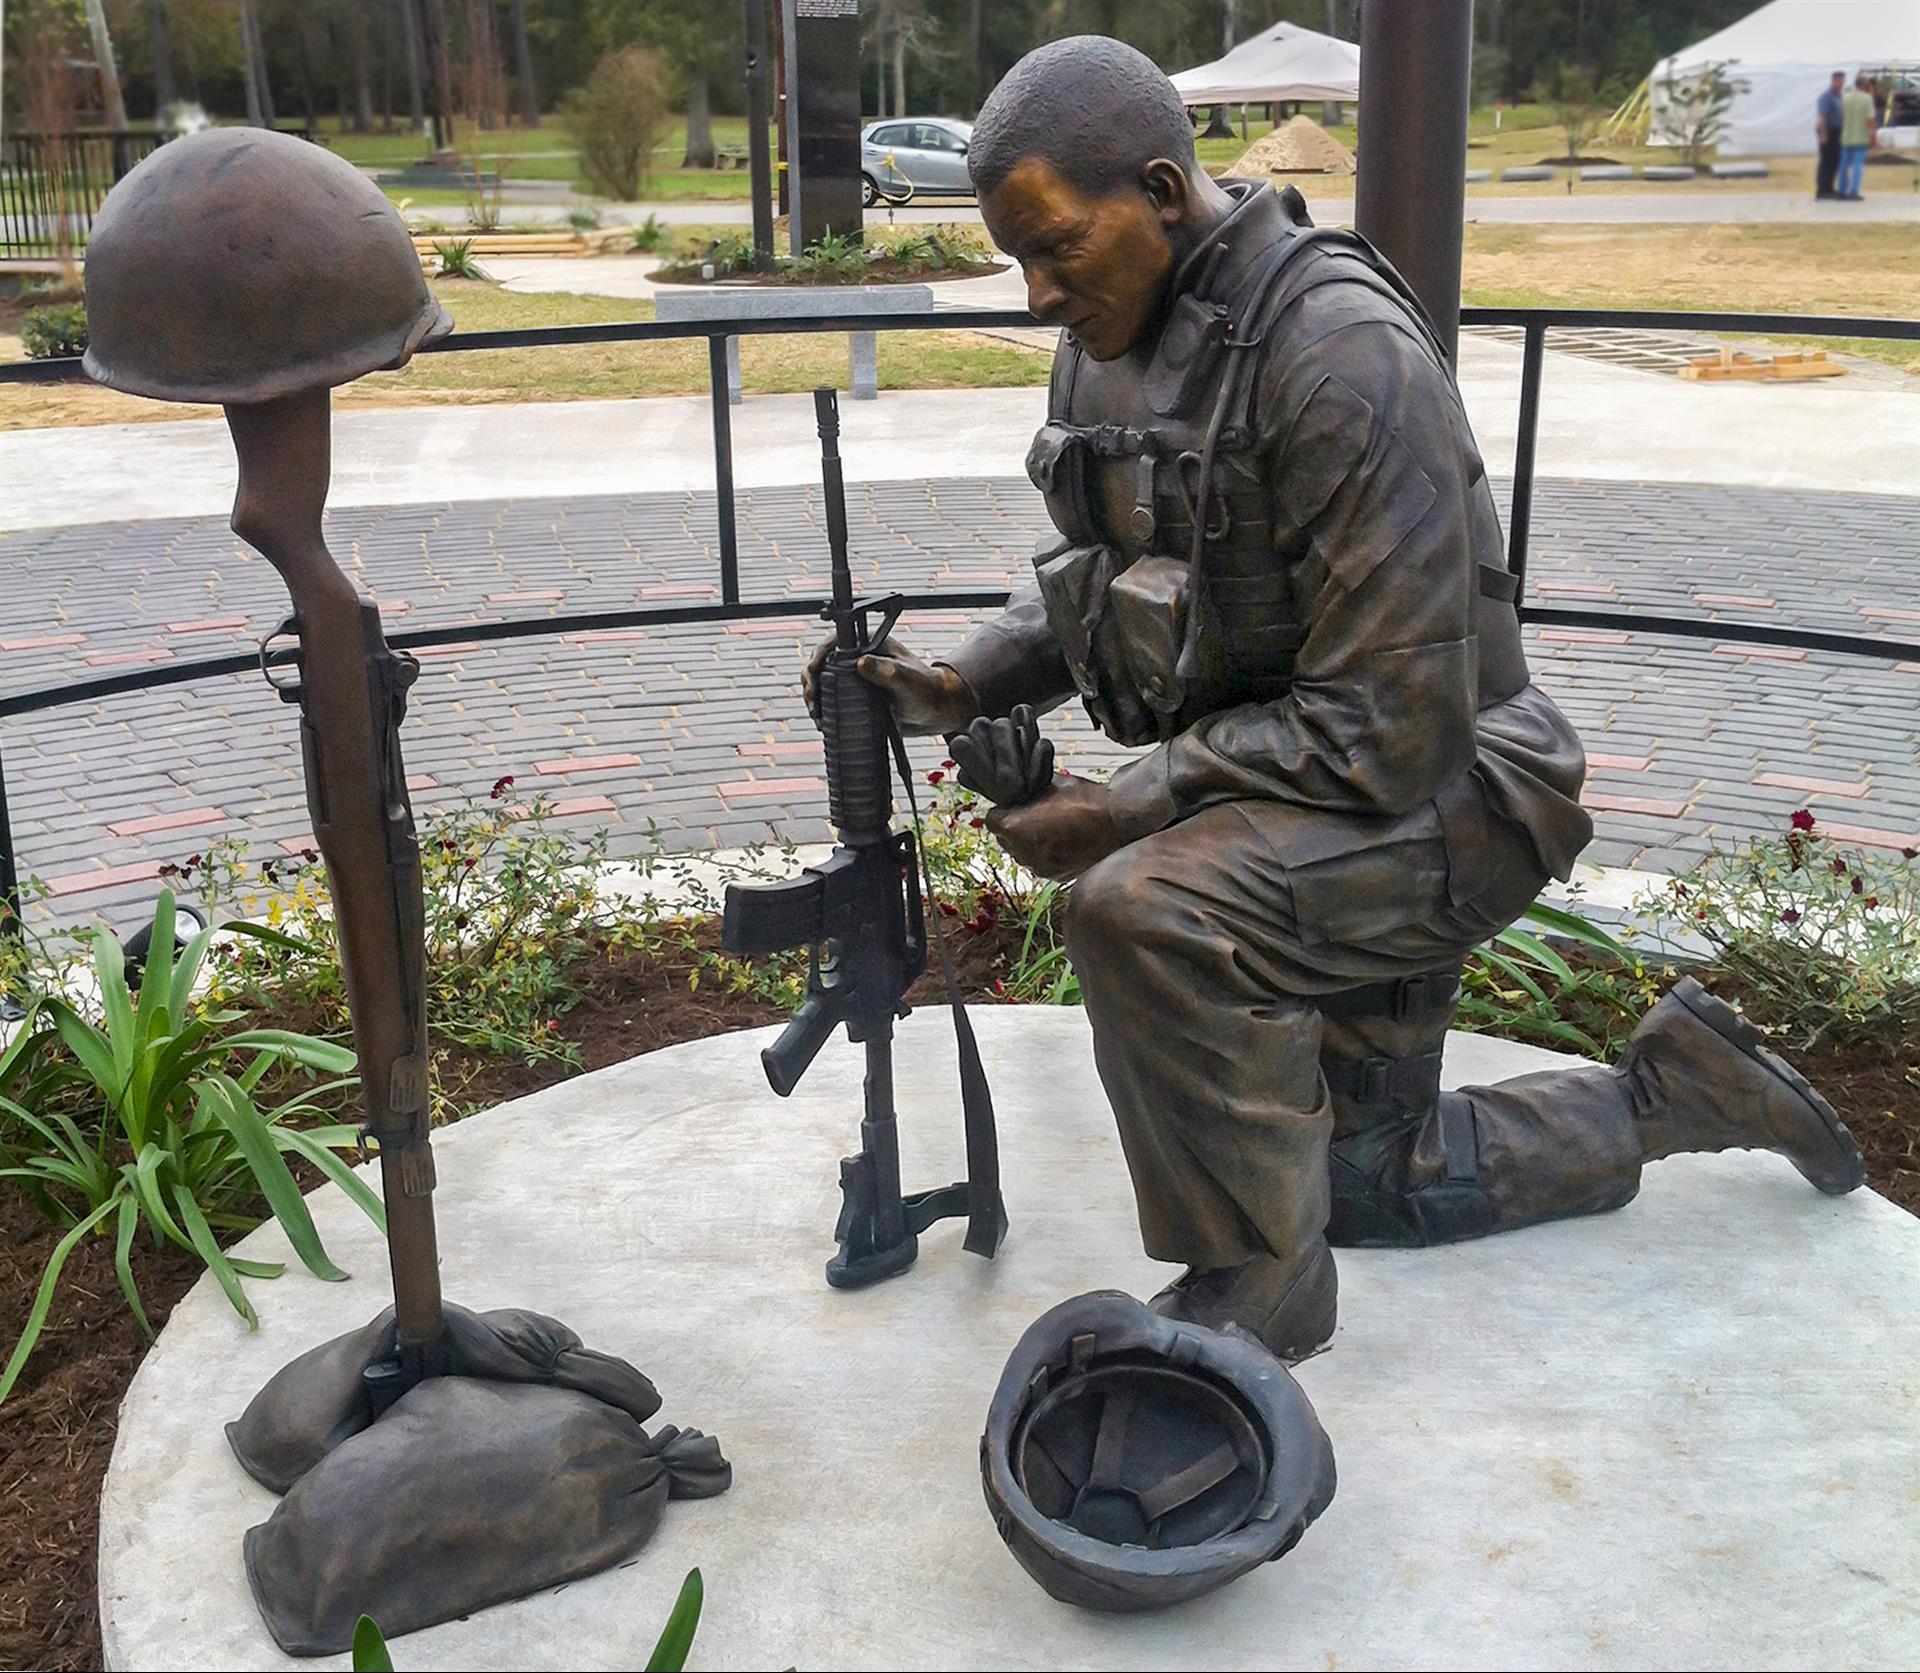 Kneeling soldier studio